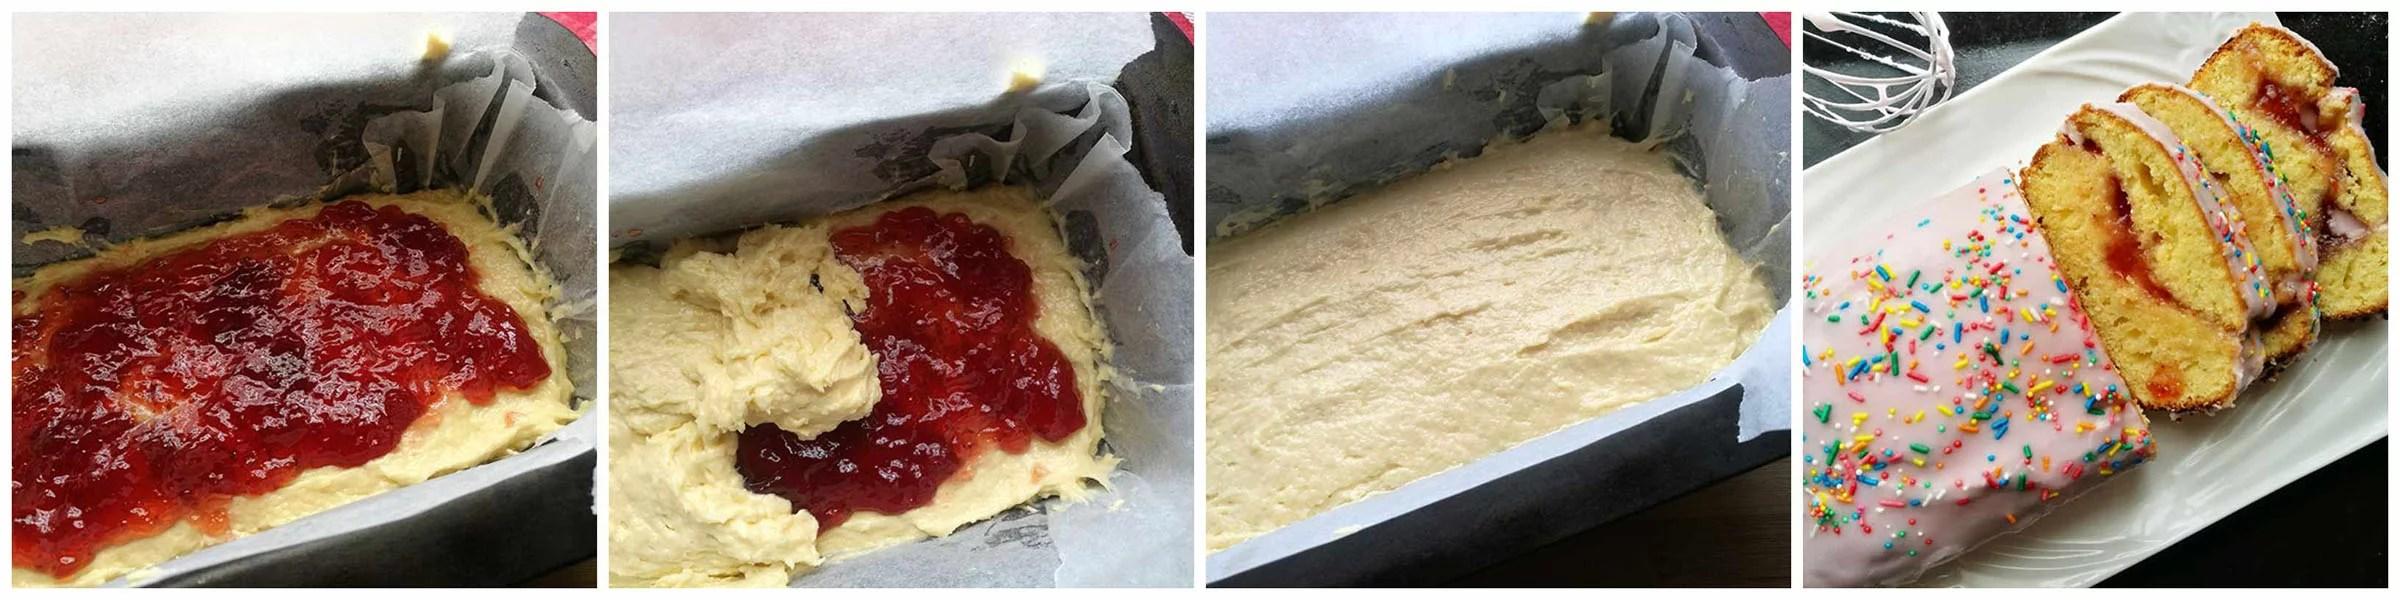 Glazed Strawberry Jam Loaf